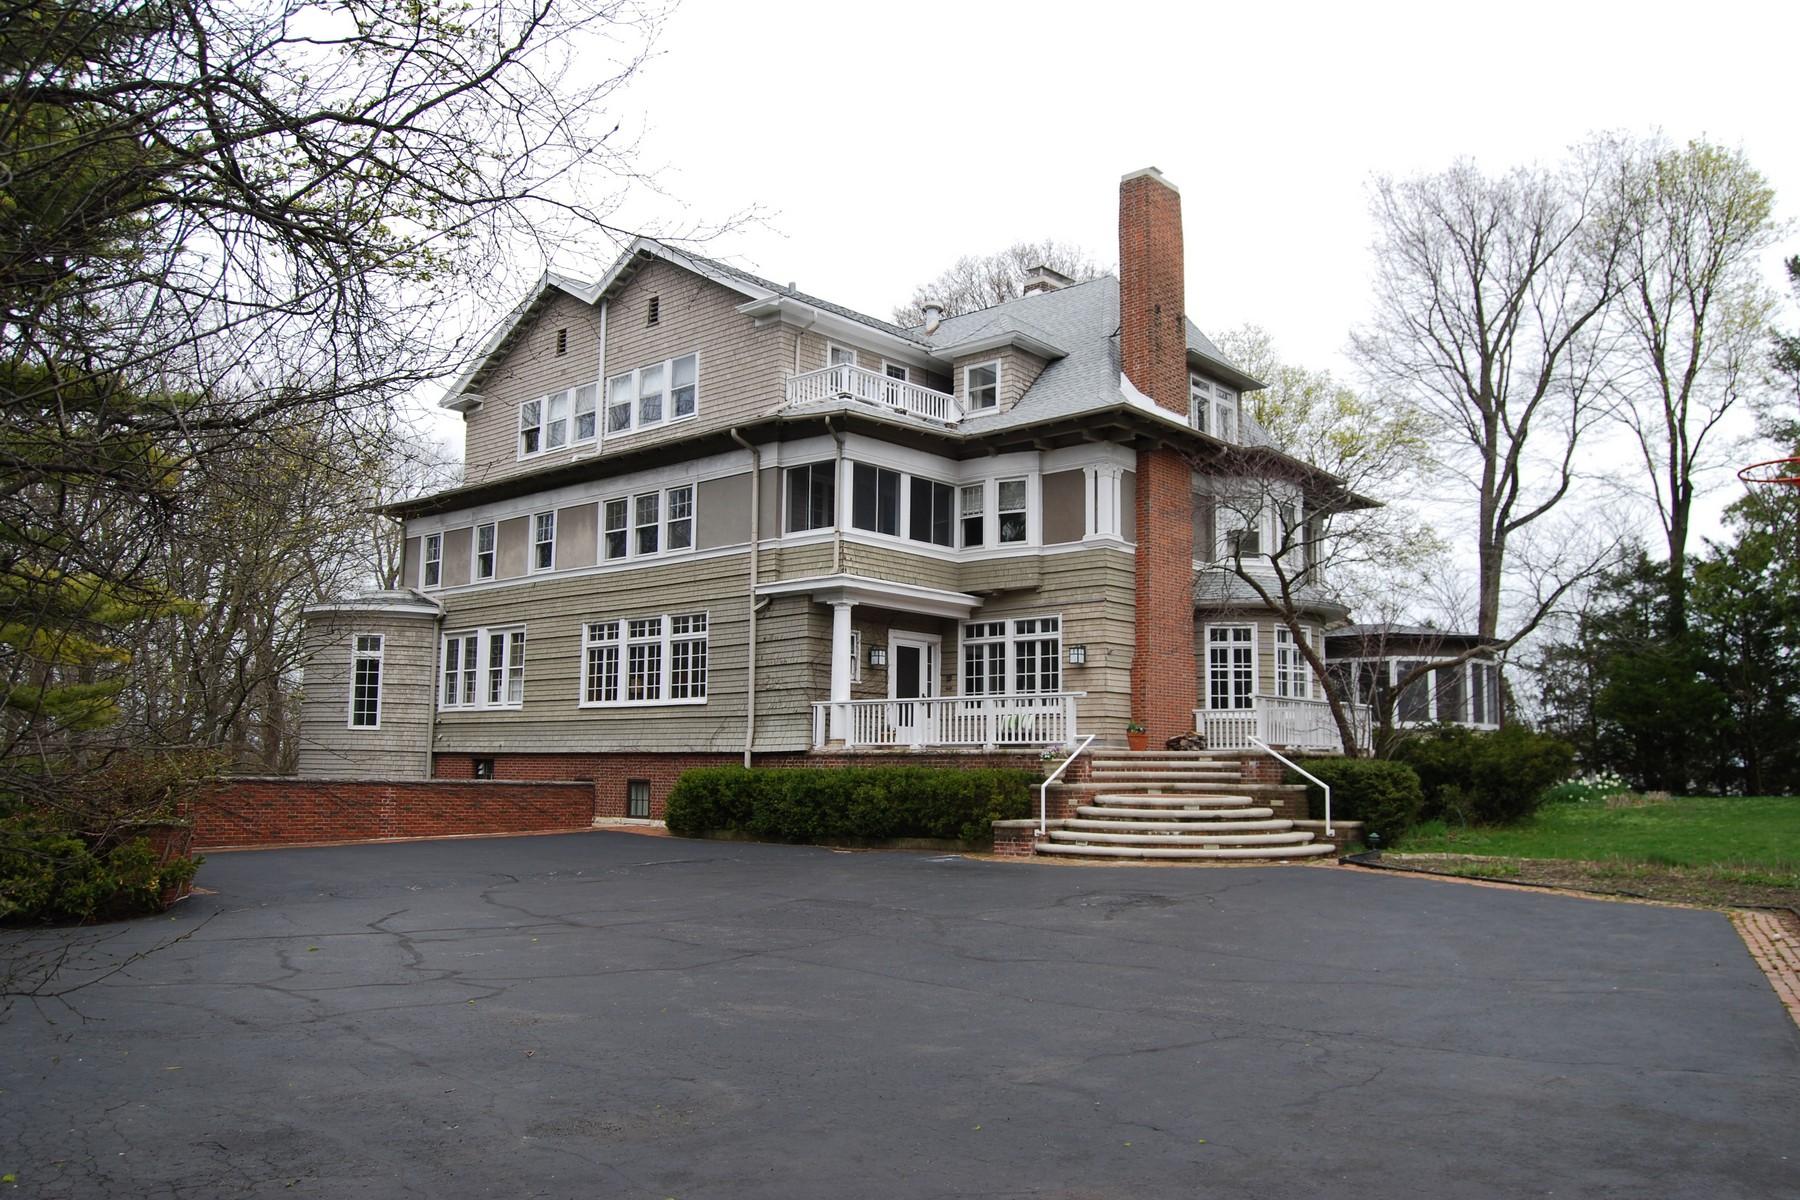 Maison unifamiliale pour l Vente à Breathtaking Views and Architecture 720 Humboldt Avenue Winnetka, Illinois, 60093 États-Unis